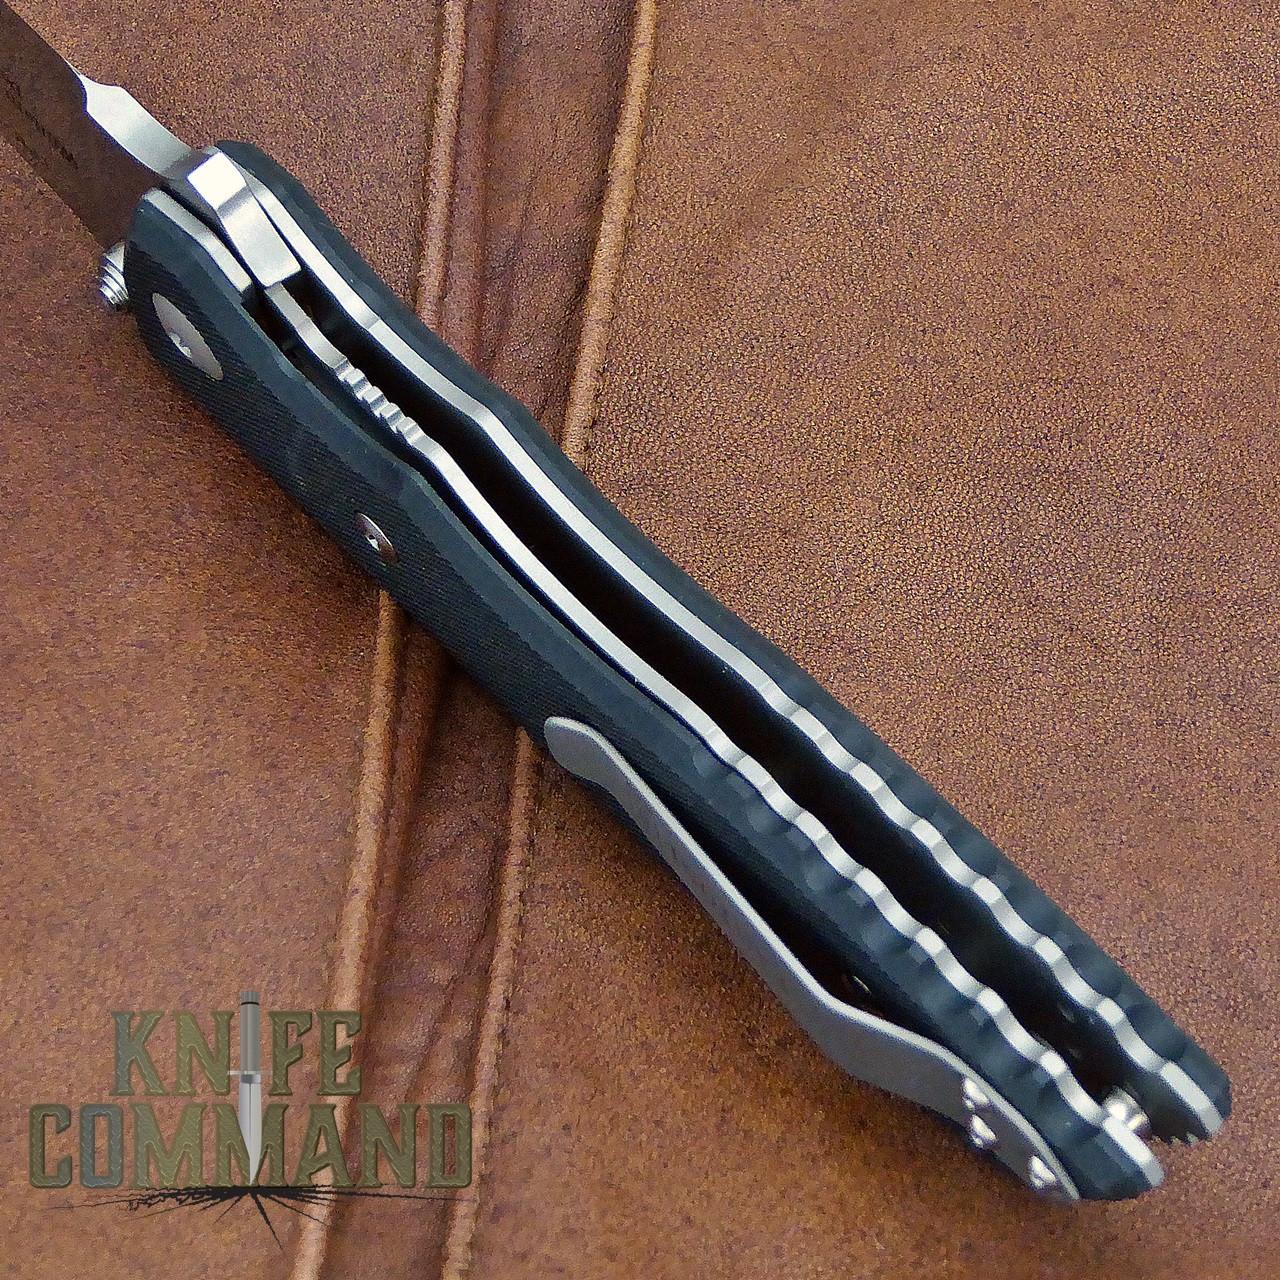 Fantoni HB 01 William Harsey Combat Folder Tactical Knife S30V.  Titanium liner and liner lock.